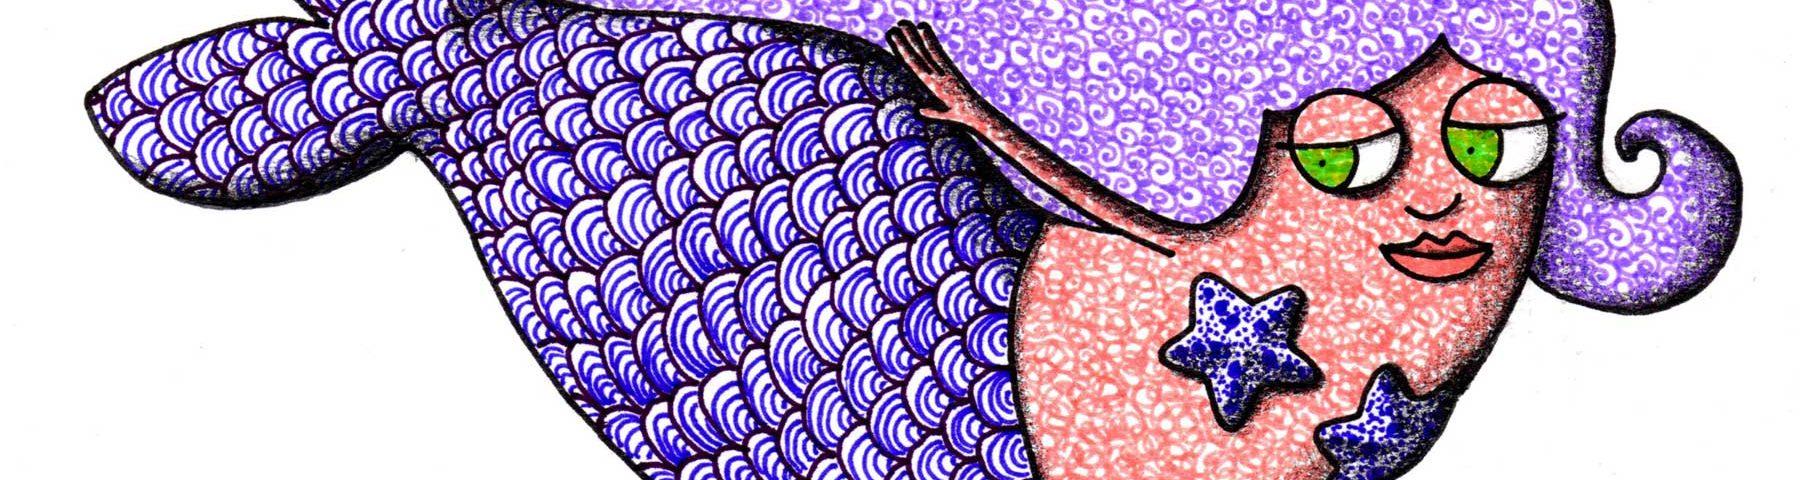 sirena_racconto-manuela-acquafresca illustrazione